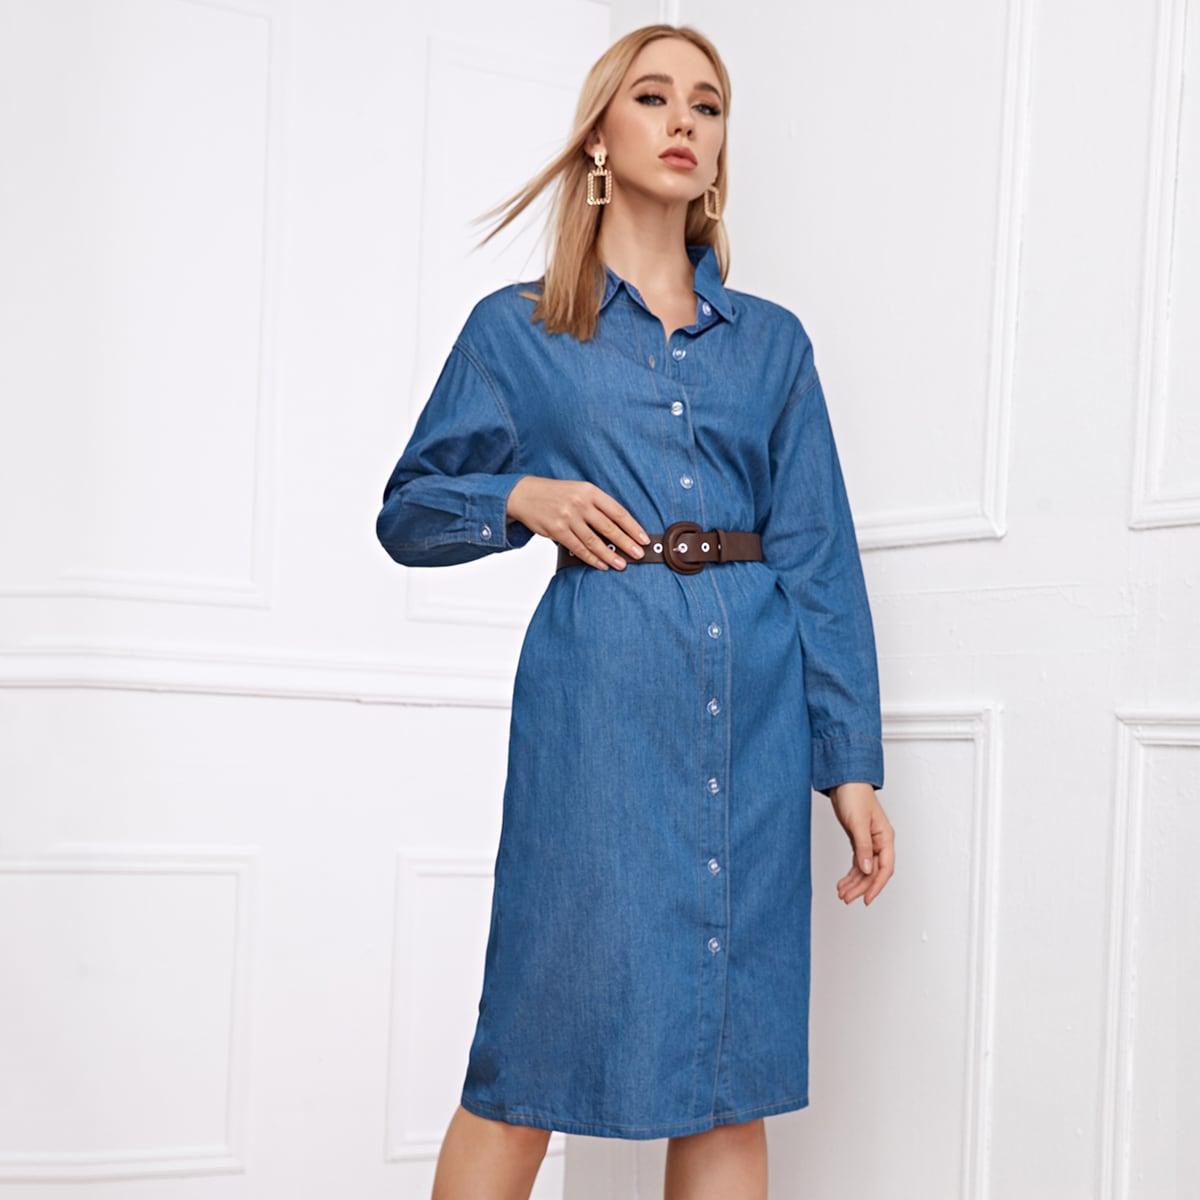 Джинсовое платье на пуговицах с поясом